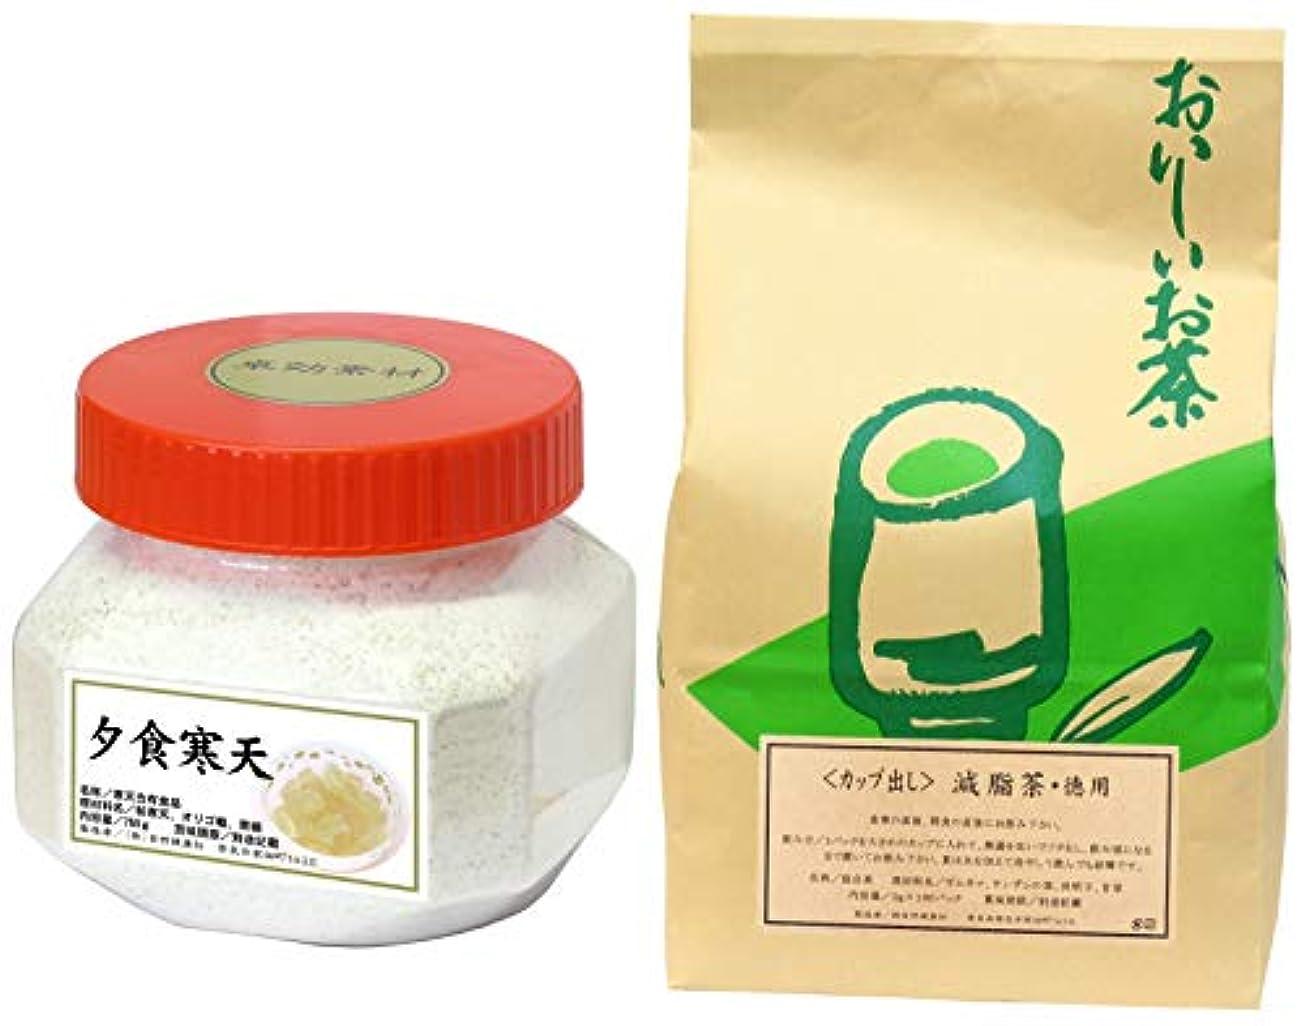 常習者その分自然健康社 夕食寒天 750g + 減脂茶?徳用 180パック